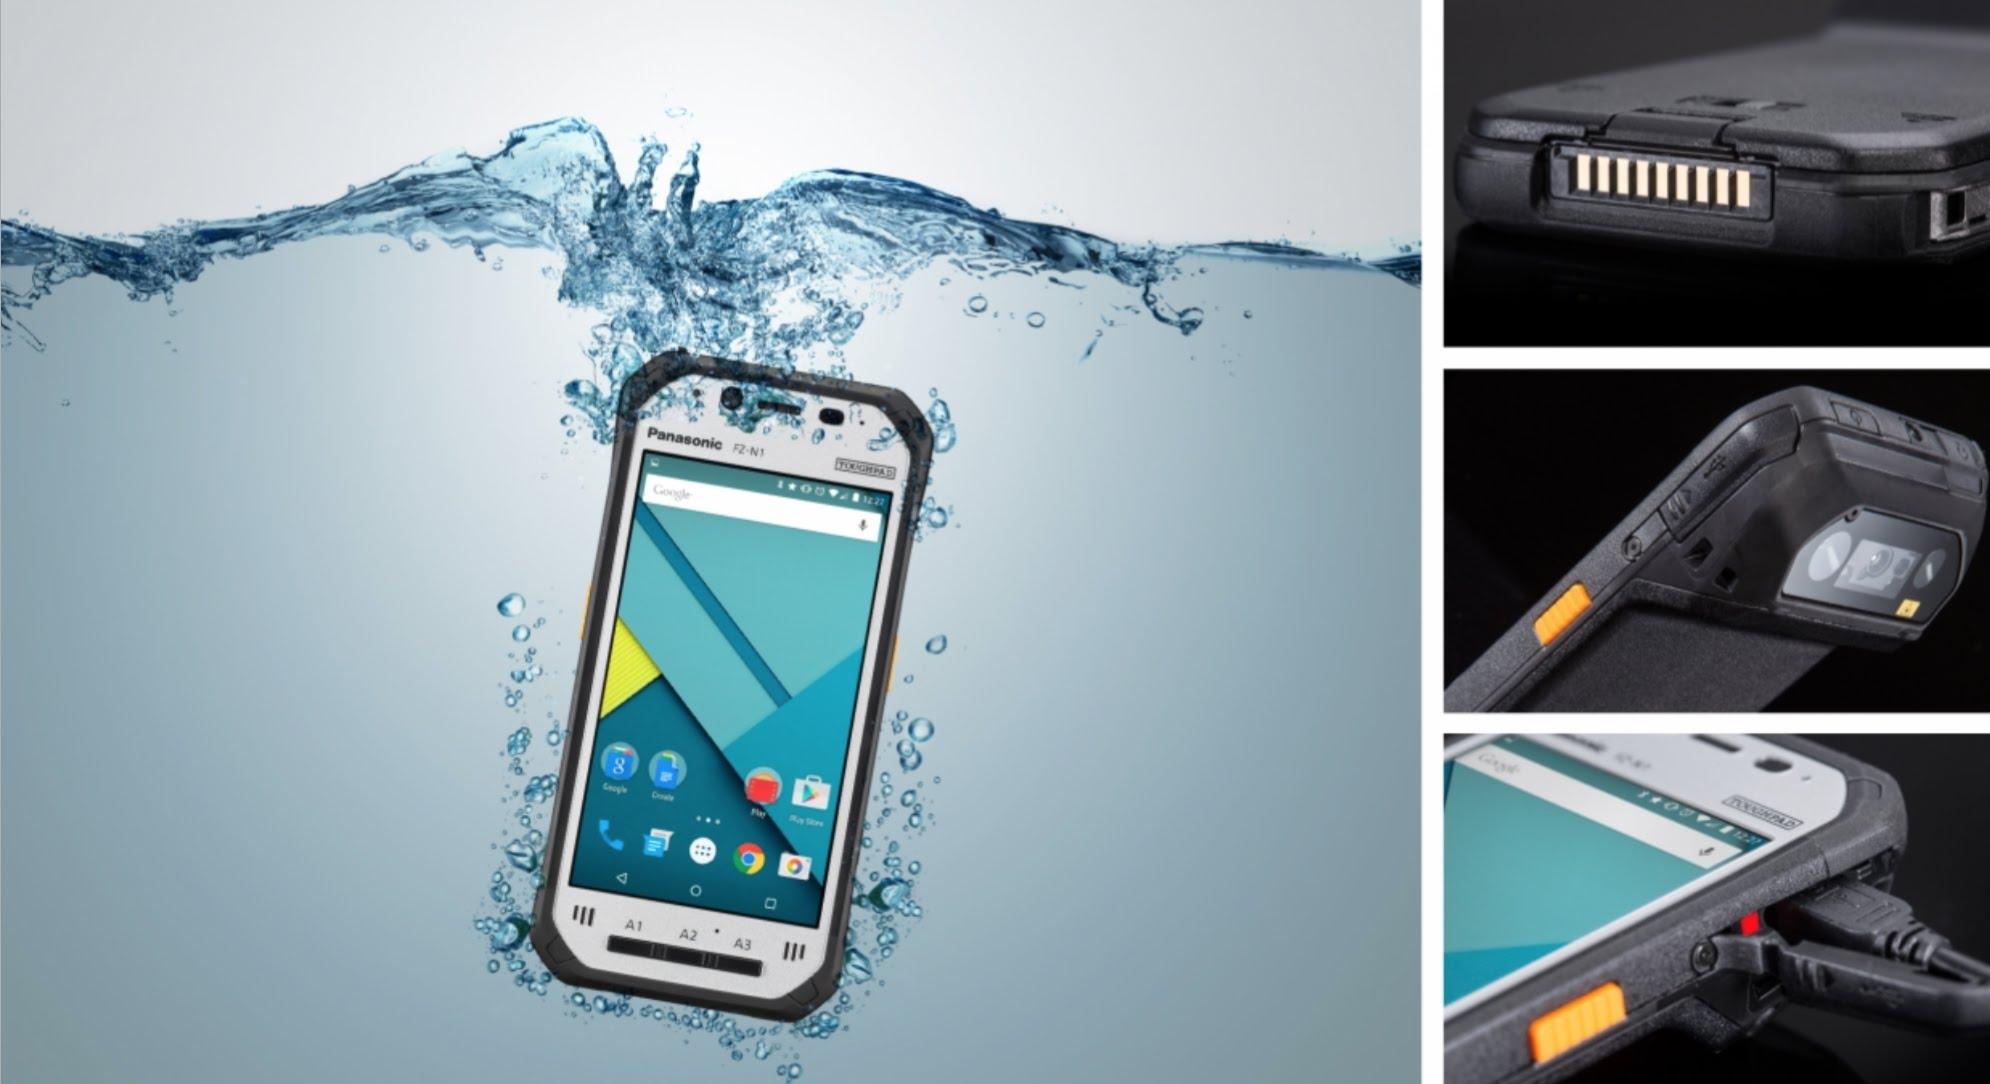 Panasonic představil odolný smartphone s Androidem a Windows 10 Mobile, vyjde vás na 40 000 korun